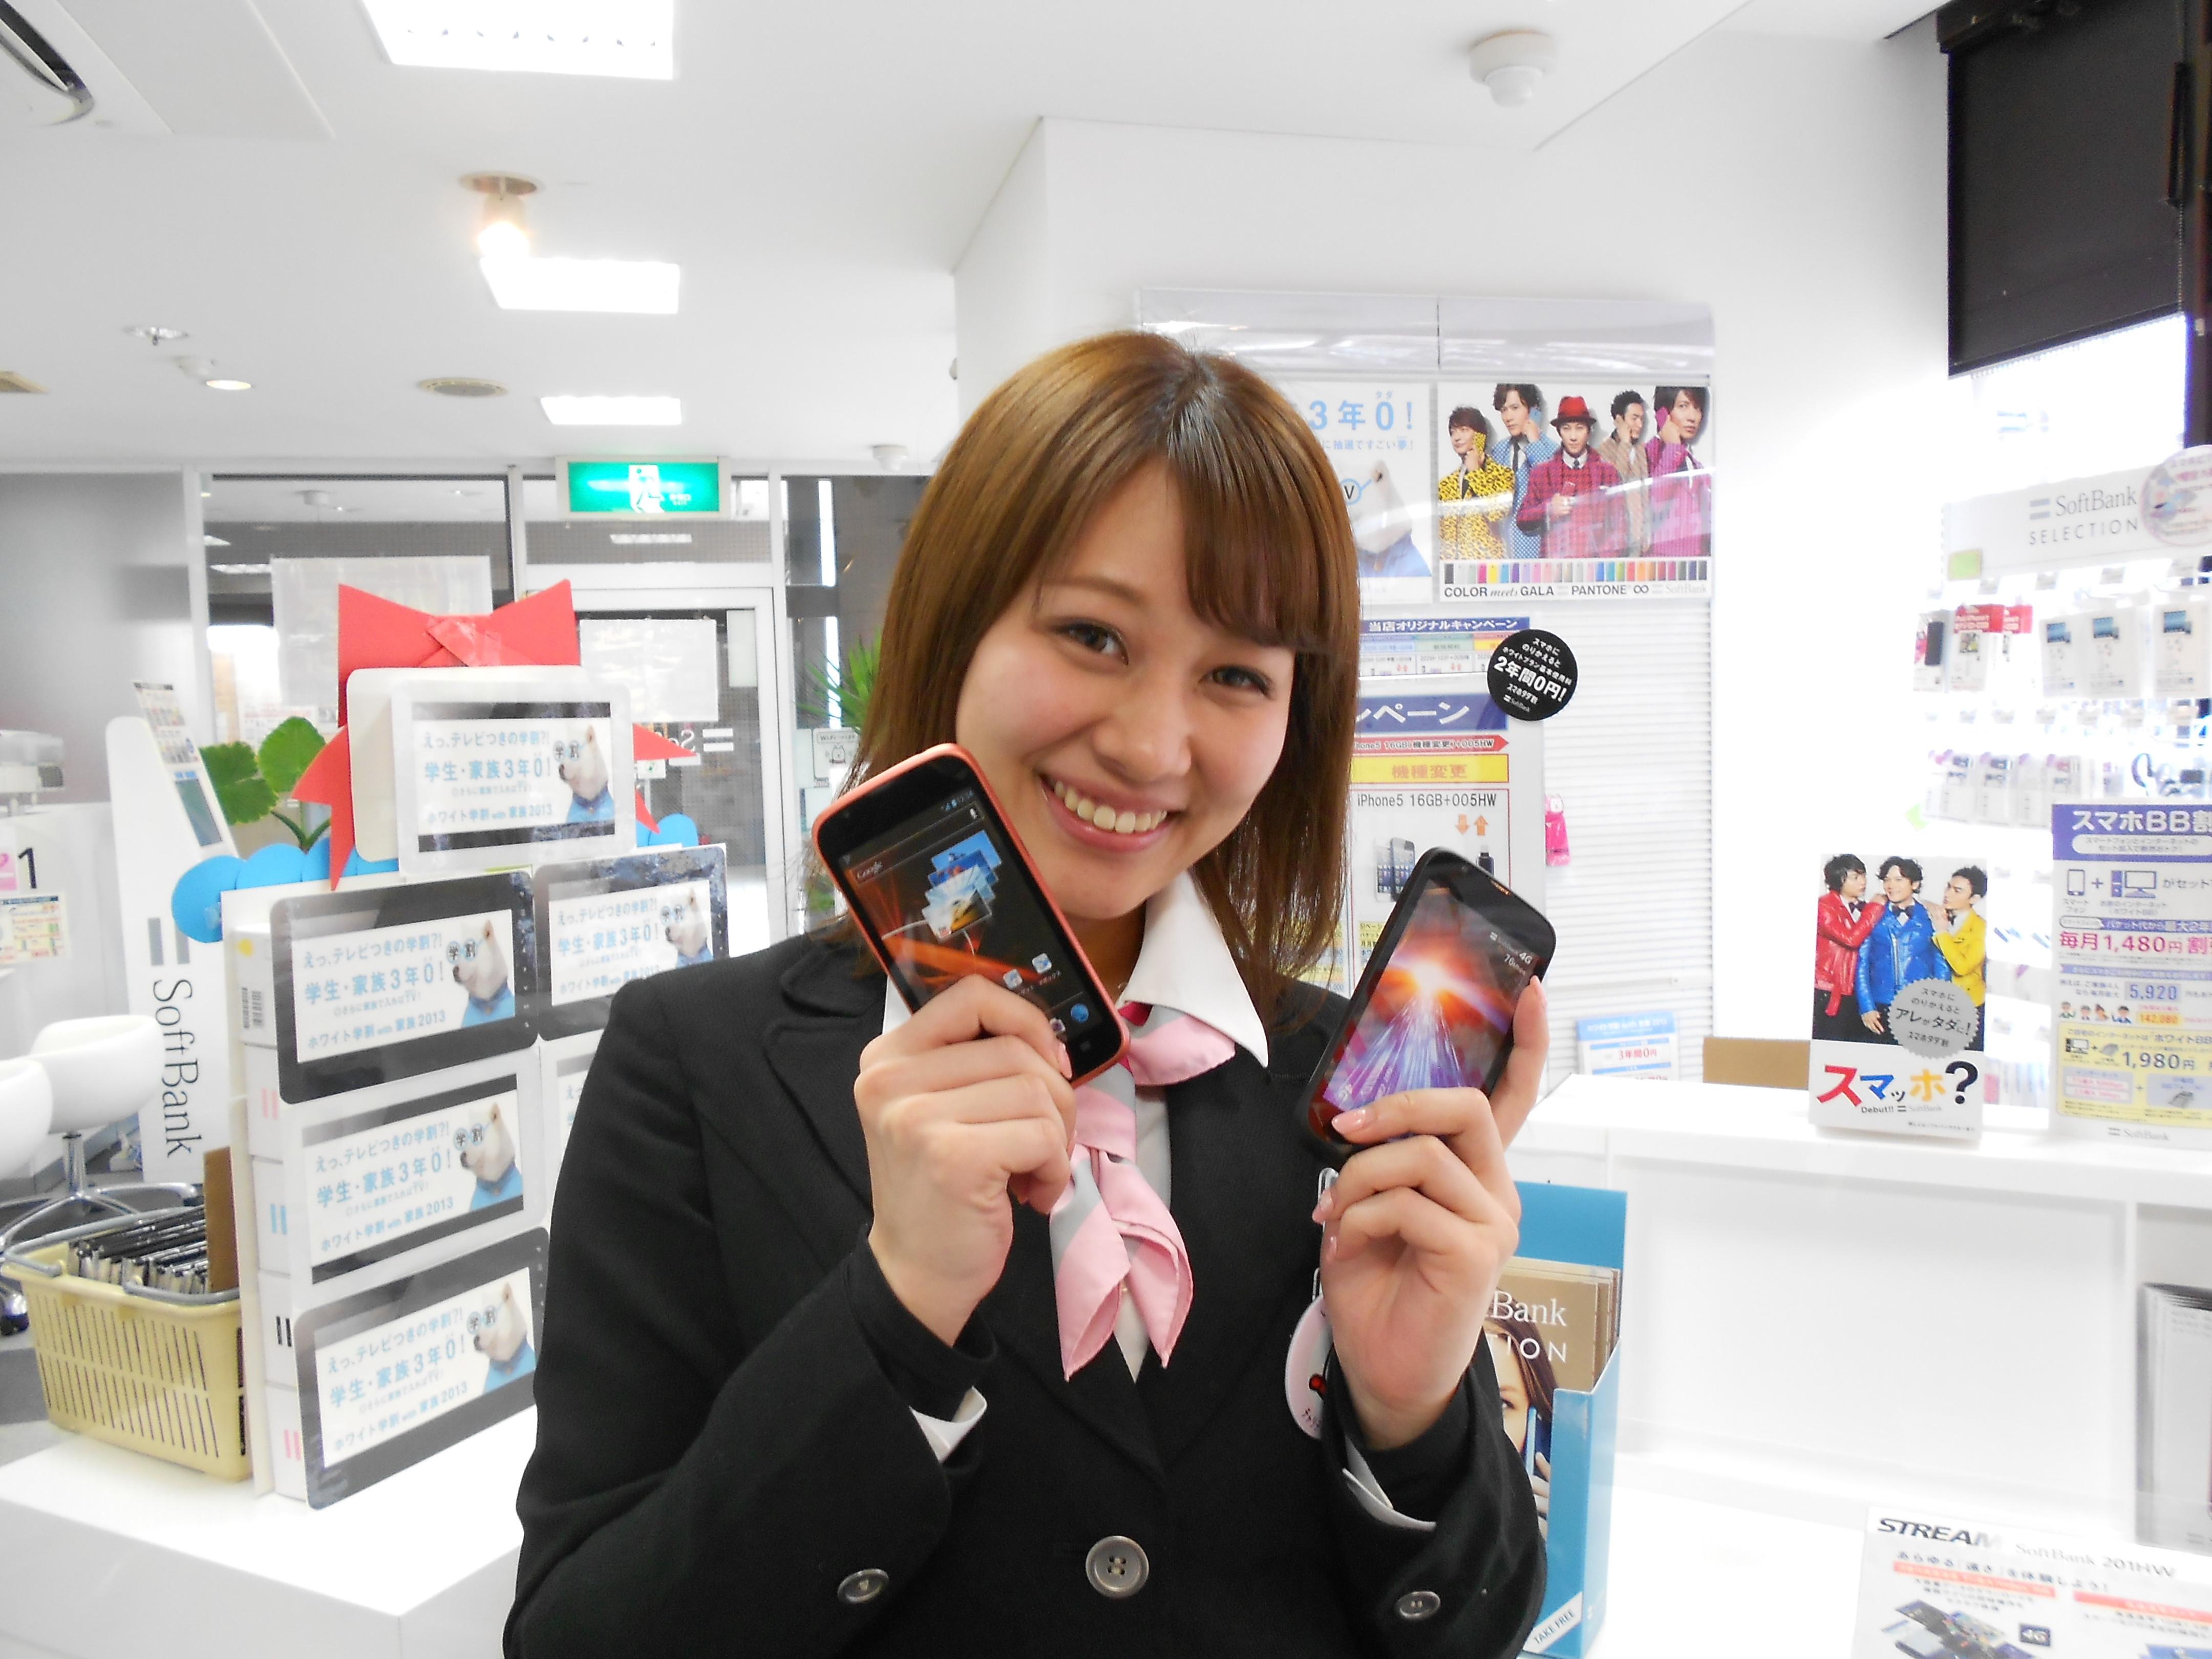 ワイモバイル 東神奈川(株式会社シエロ)のアルバイト情報